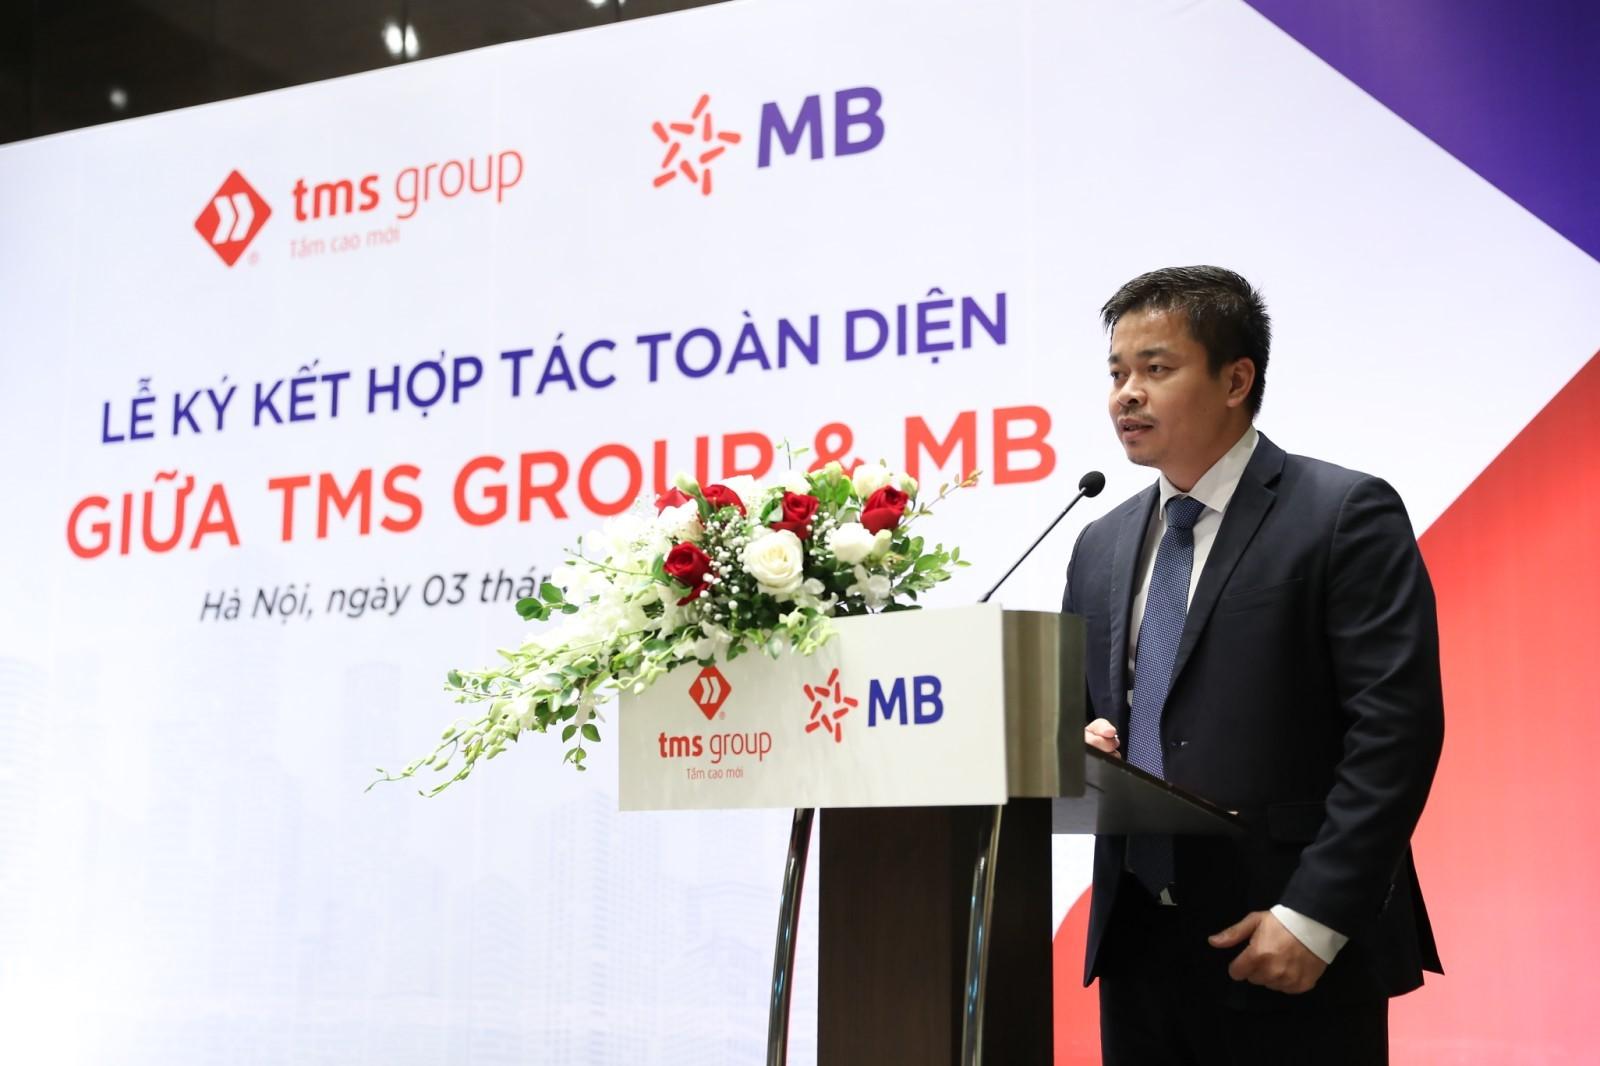 TMS그룹 Nguyen Viet Phuong대표는 체결식에서 발표한다